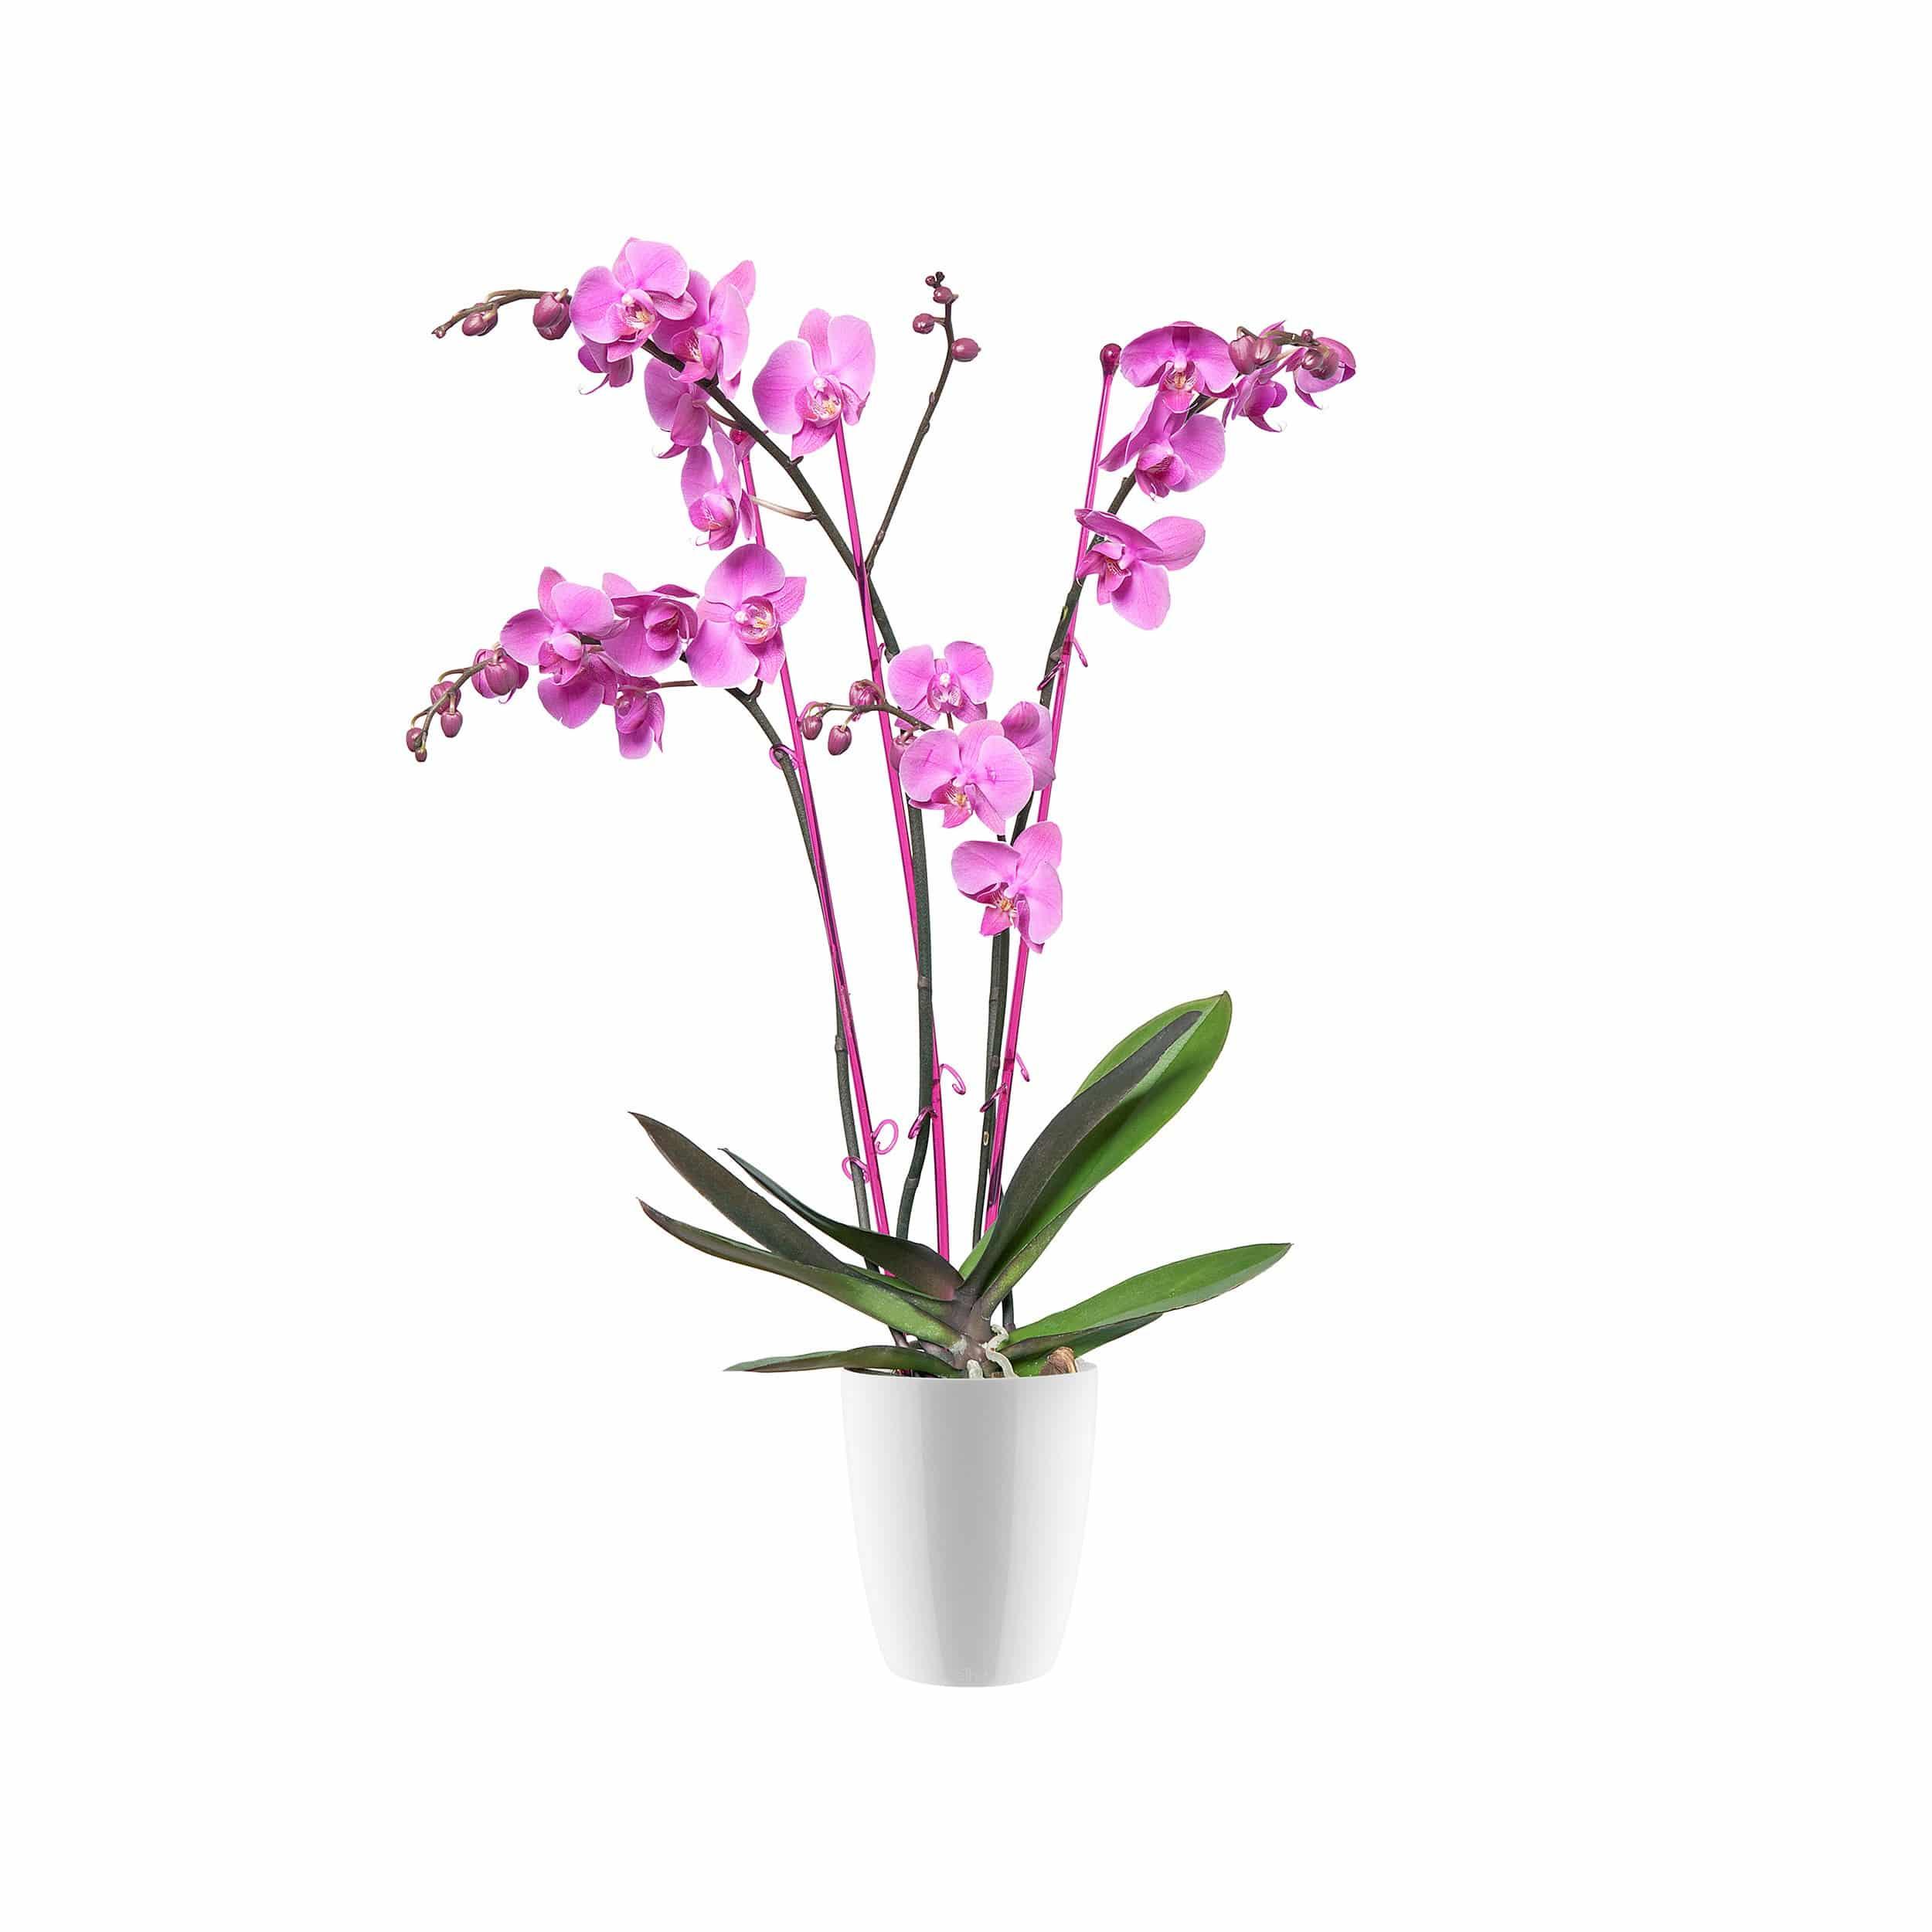 Orchideen-Übertopf Brussels Diamond Orchid High D13cm glänzend weiß